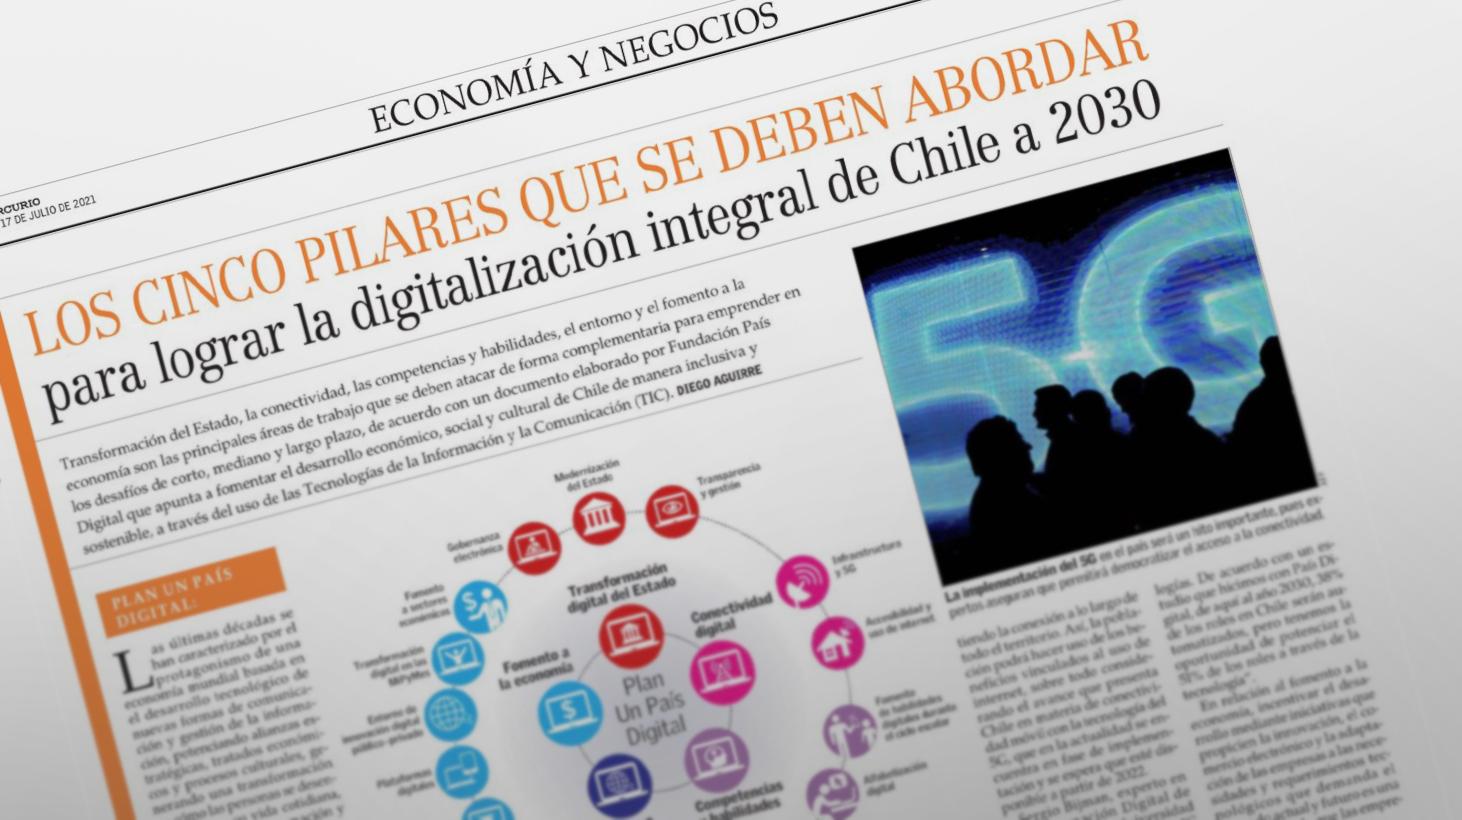 Plan Un País Digital: Cinco pilares que se deben abordar para la digitalización de Chile a 2030.